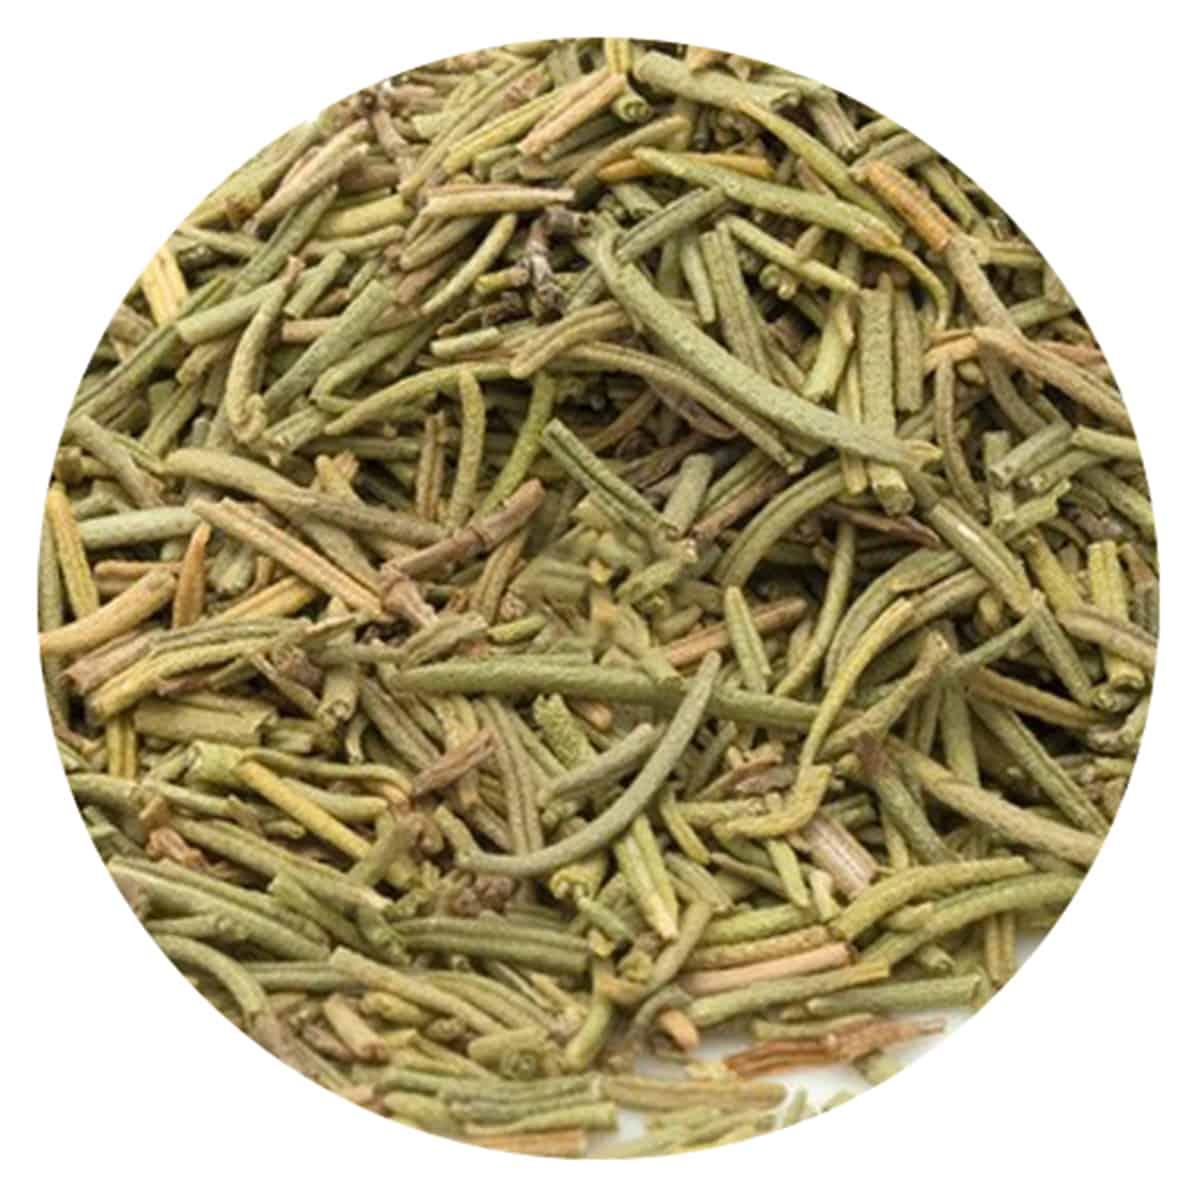 Buy IAG Foods Dried Rosemary Leaves - 1 kg